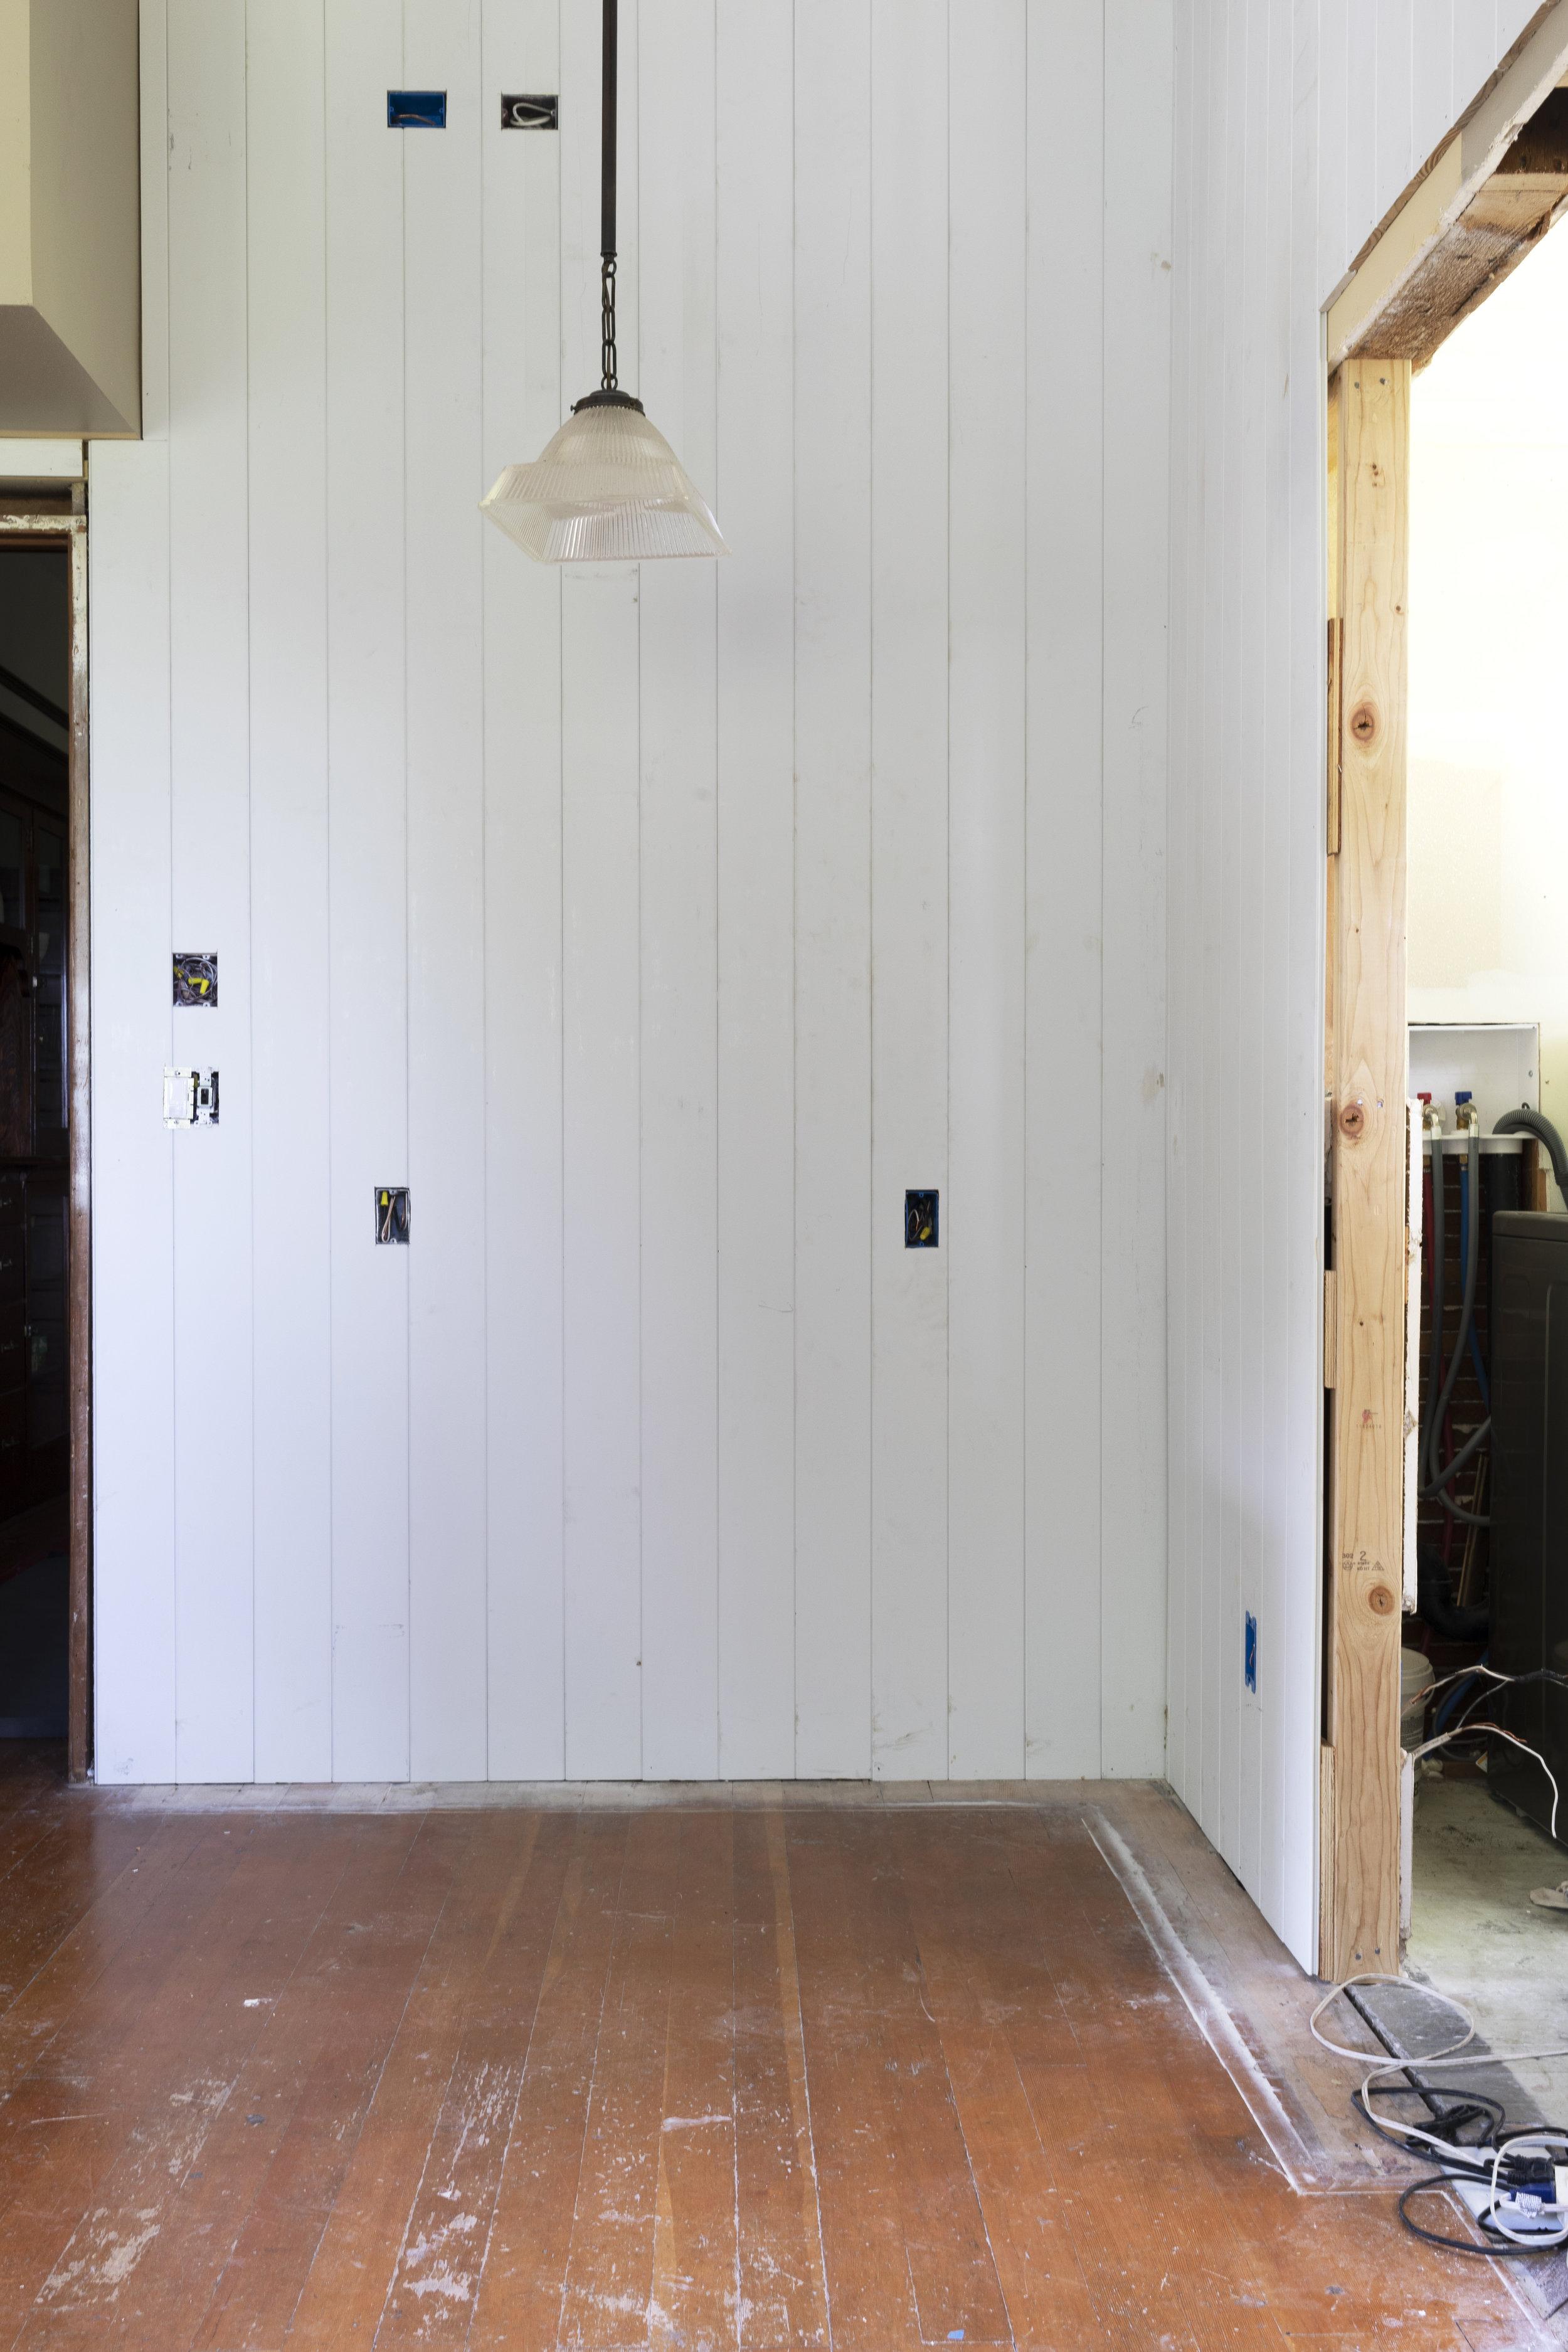 The Grit and Polish - Farmhouse Kitchen Fir Floors 7.jpg